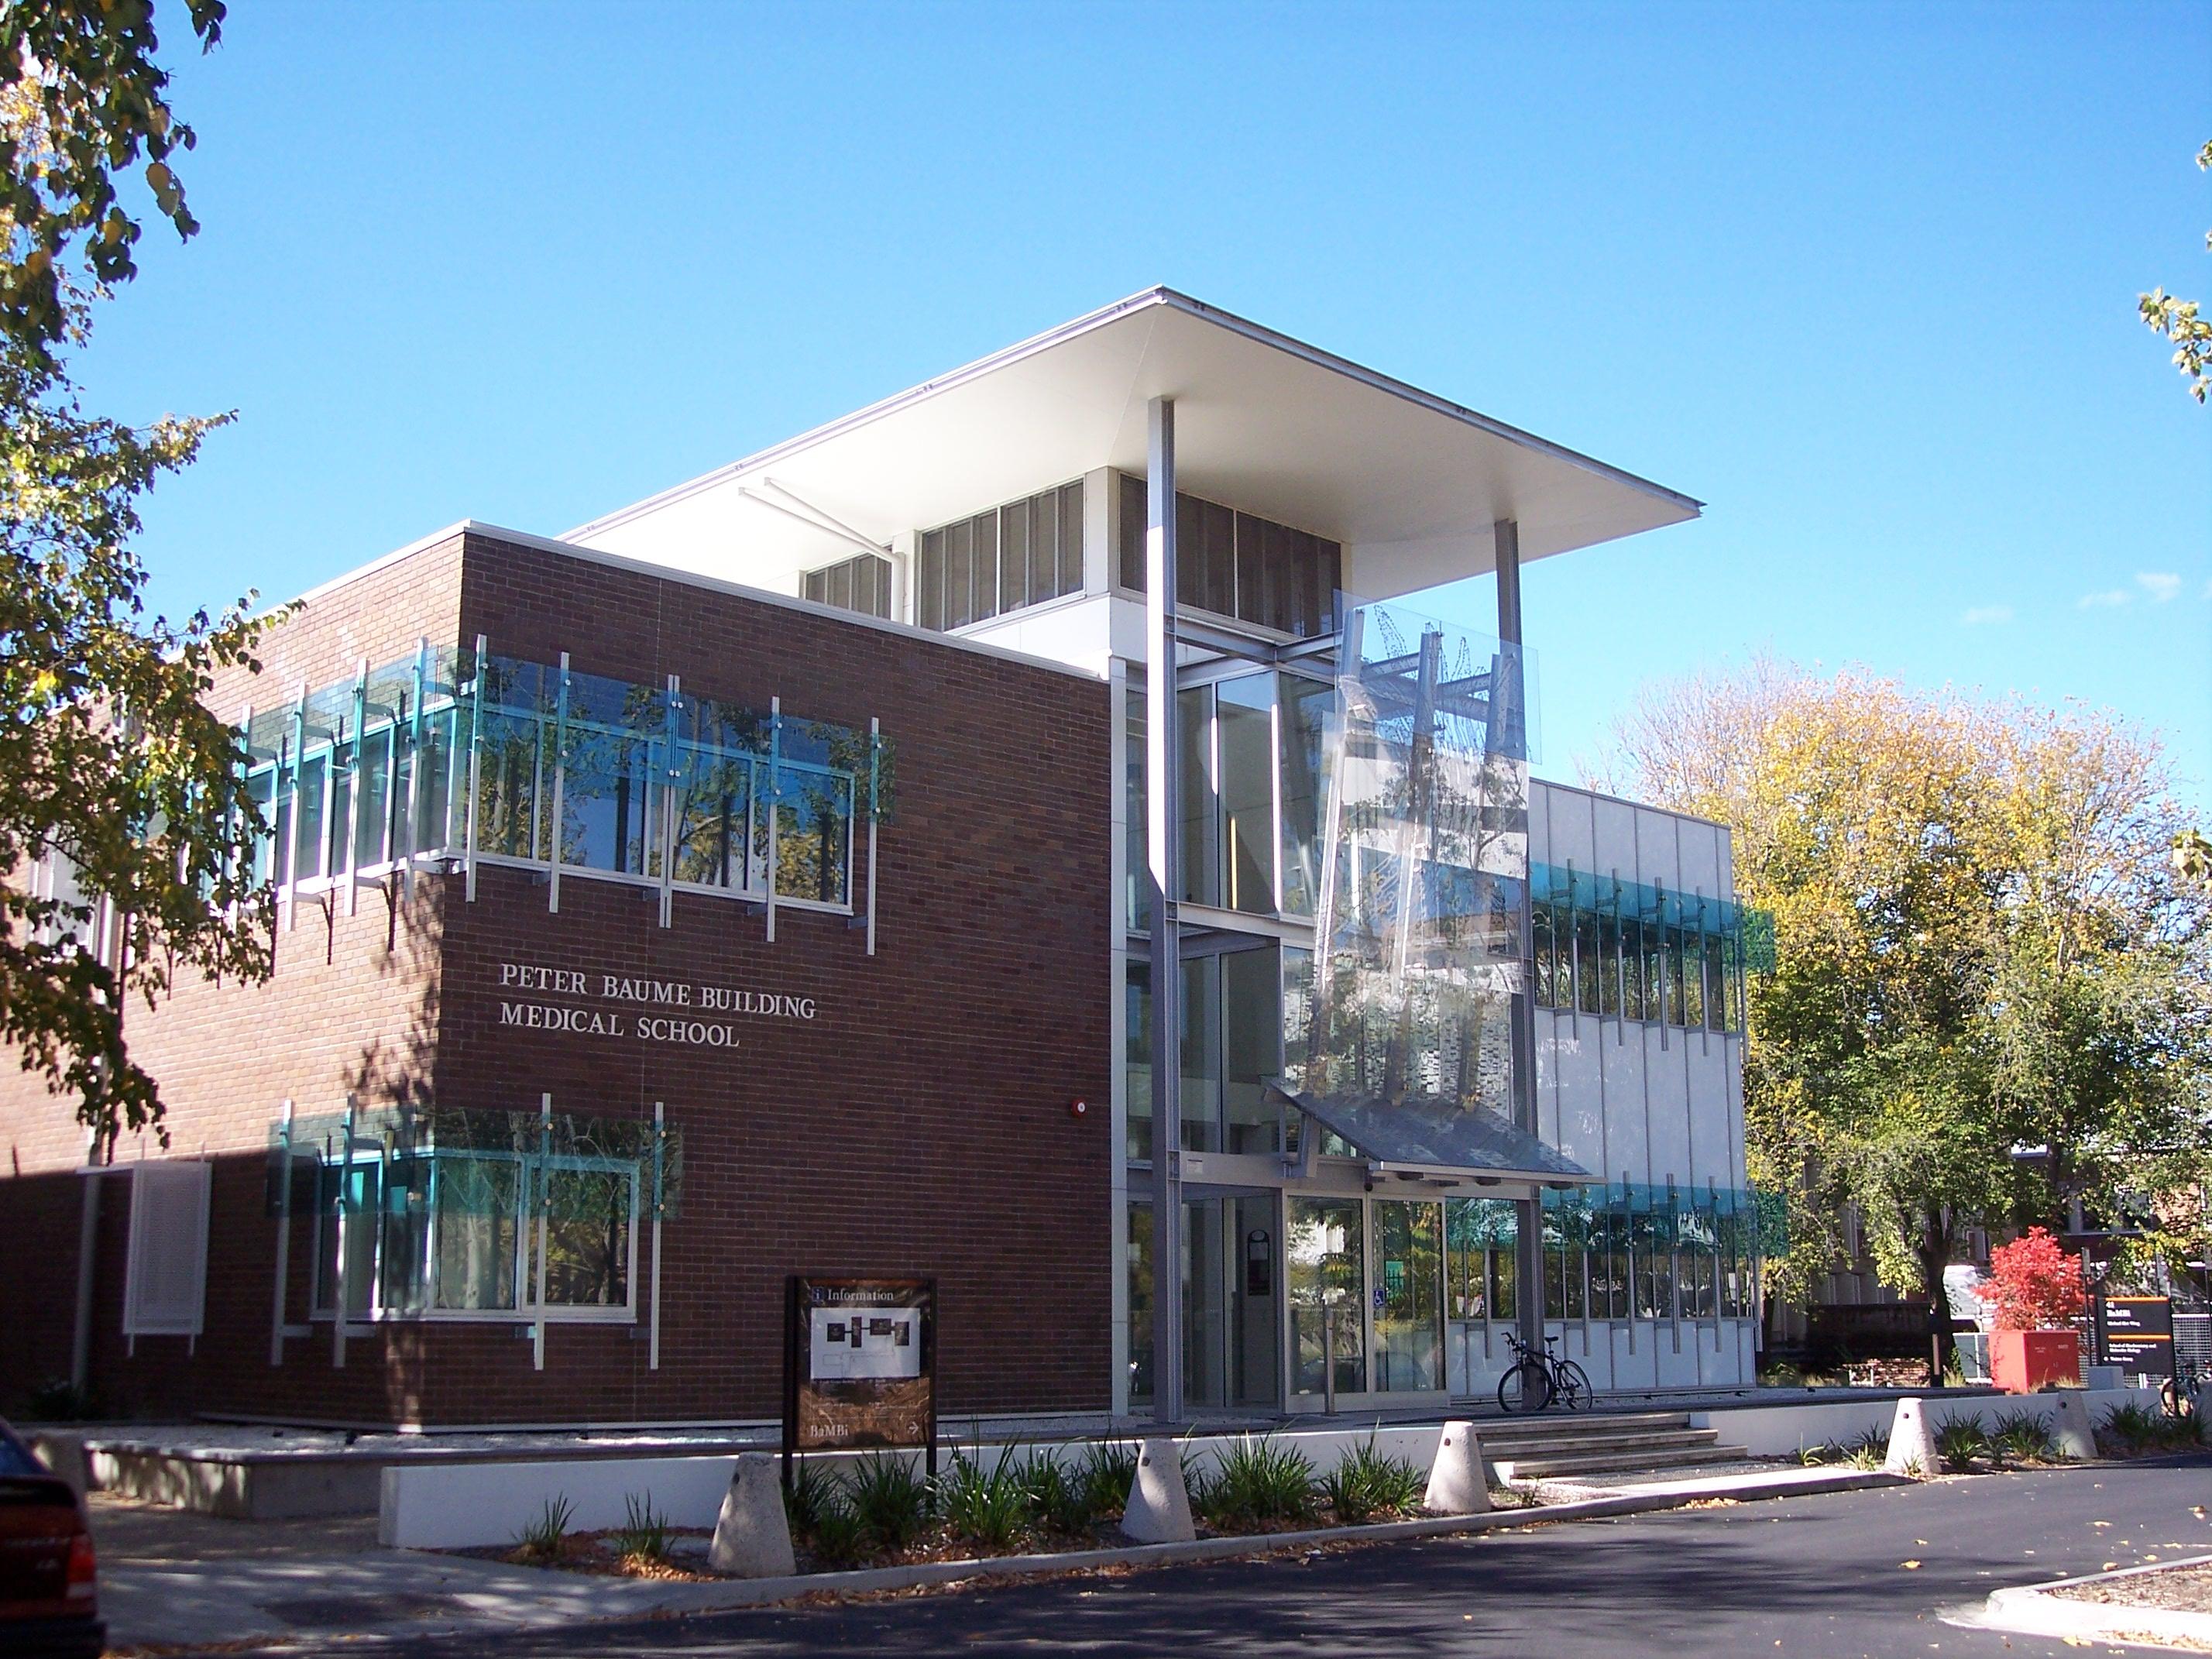 Description anu medical school building